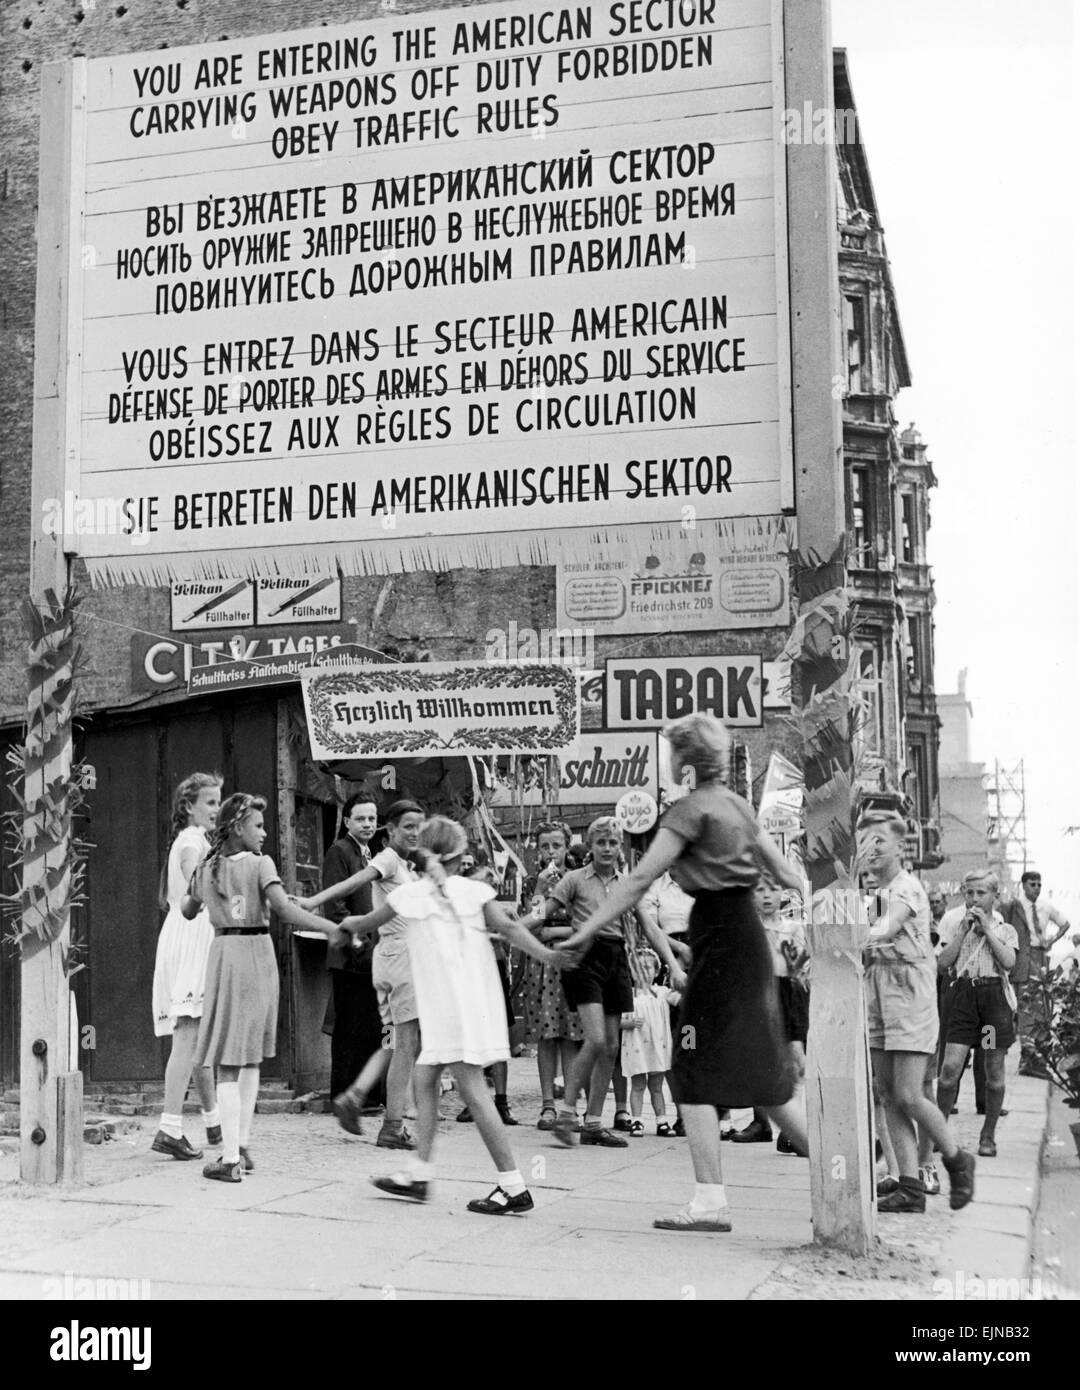 Berlín, una ciudad dividida. Fiesta infantil en la frontera entre sectores de Berlín el 15 de agosto de Imagen De Stock